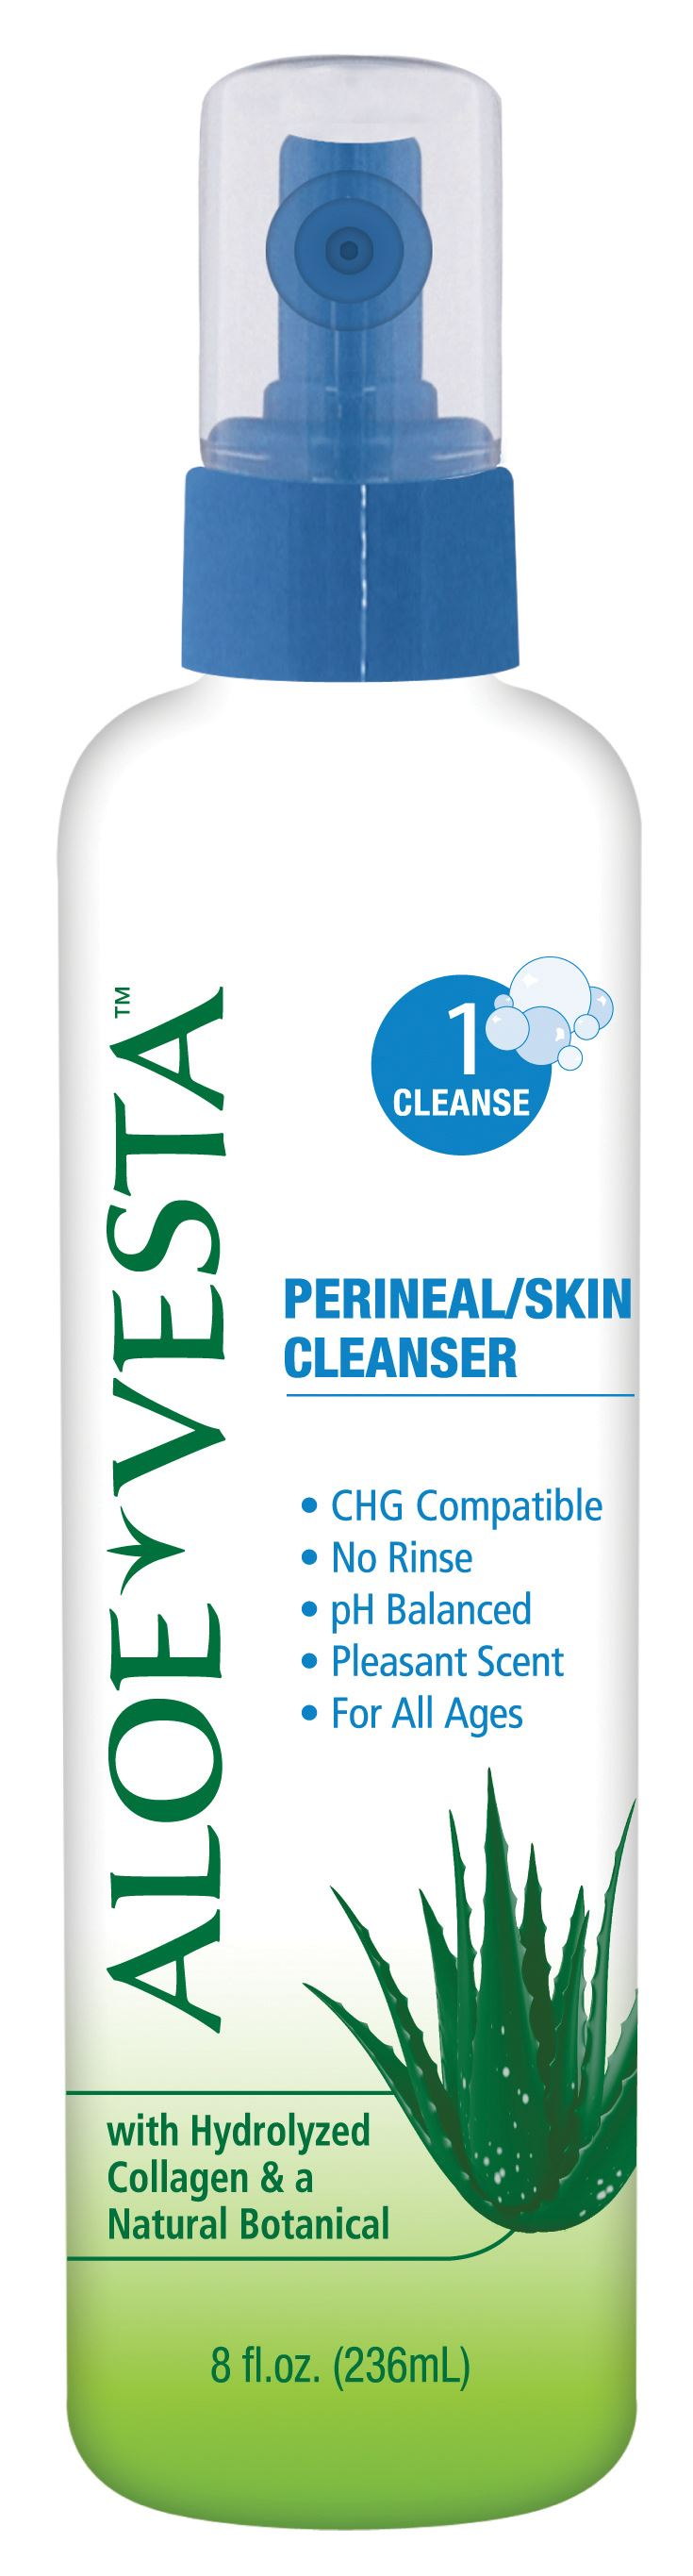 Aloe Vesta Perineal/Skin Cleanser